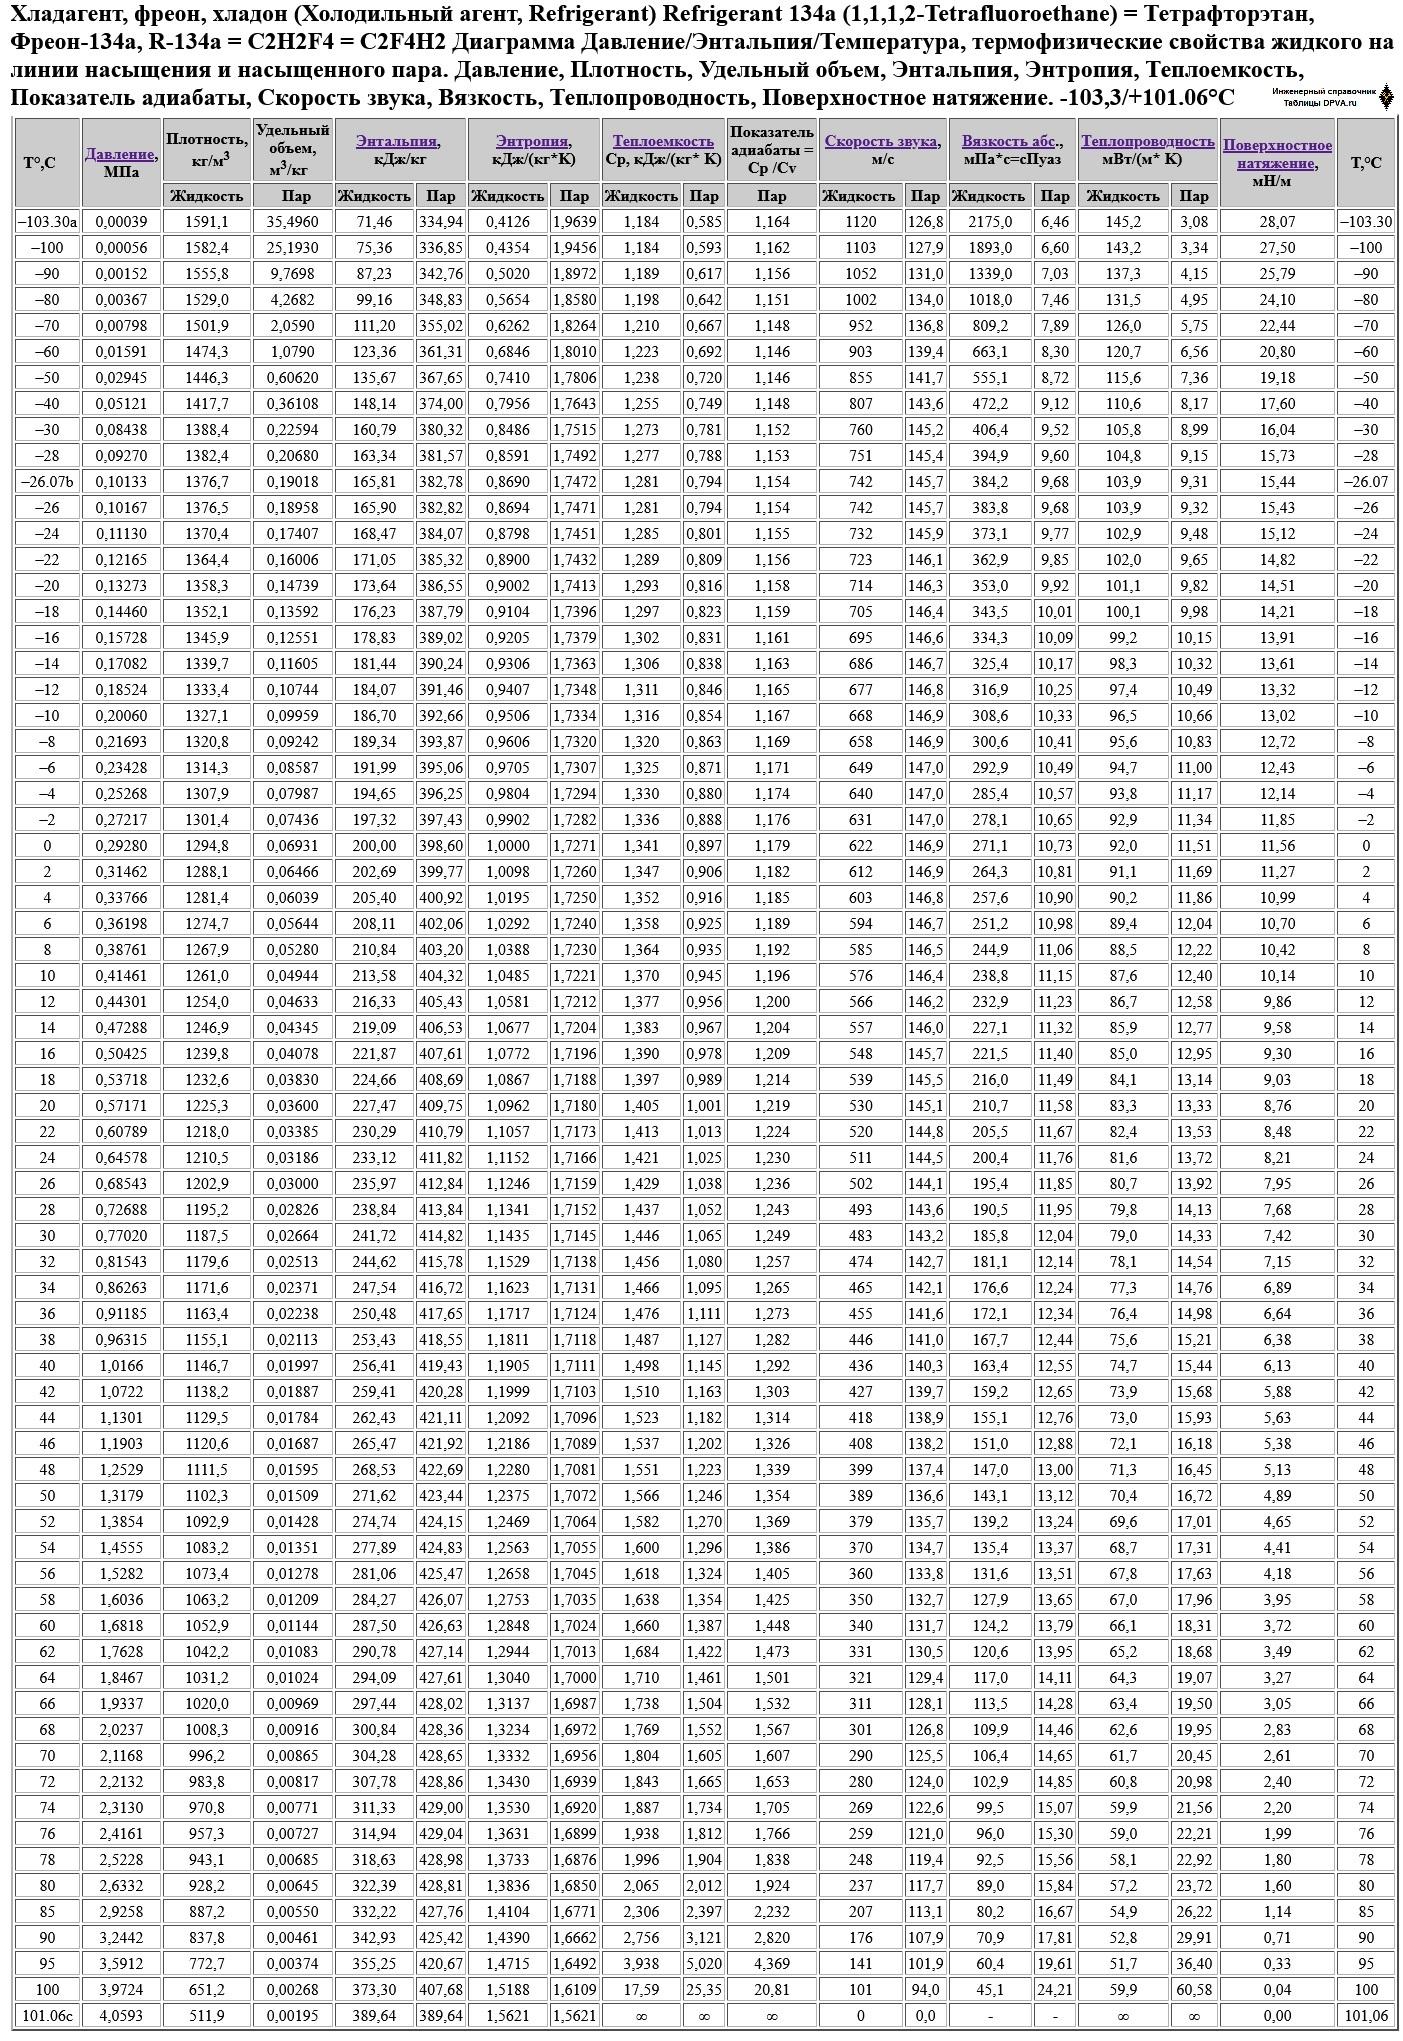 Хладагент, фреон, хладон (Холодильный агент, Refrigerant) Refrigerant 134a (1,1,1,2-Tetrafluoroethane) = Тетрафторэтан, Фреон-134a, R-134a = C2H2F4 = C2F4H2 Диаграмма Давление/Энтальпия/Температура, термофизические свойства жидкого на линии насыщения и насыщенного пара. Давление, Плотность, Удельный объем, Энтальпия, Энтропия, Теплоемкость, Показатель адиабаты, Скорость звука, Вязкость, Теплопроводность, Поверхностное натяжение. -103,3/+101.06°C